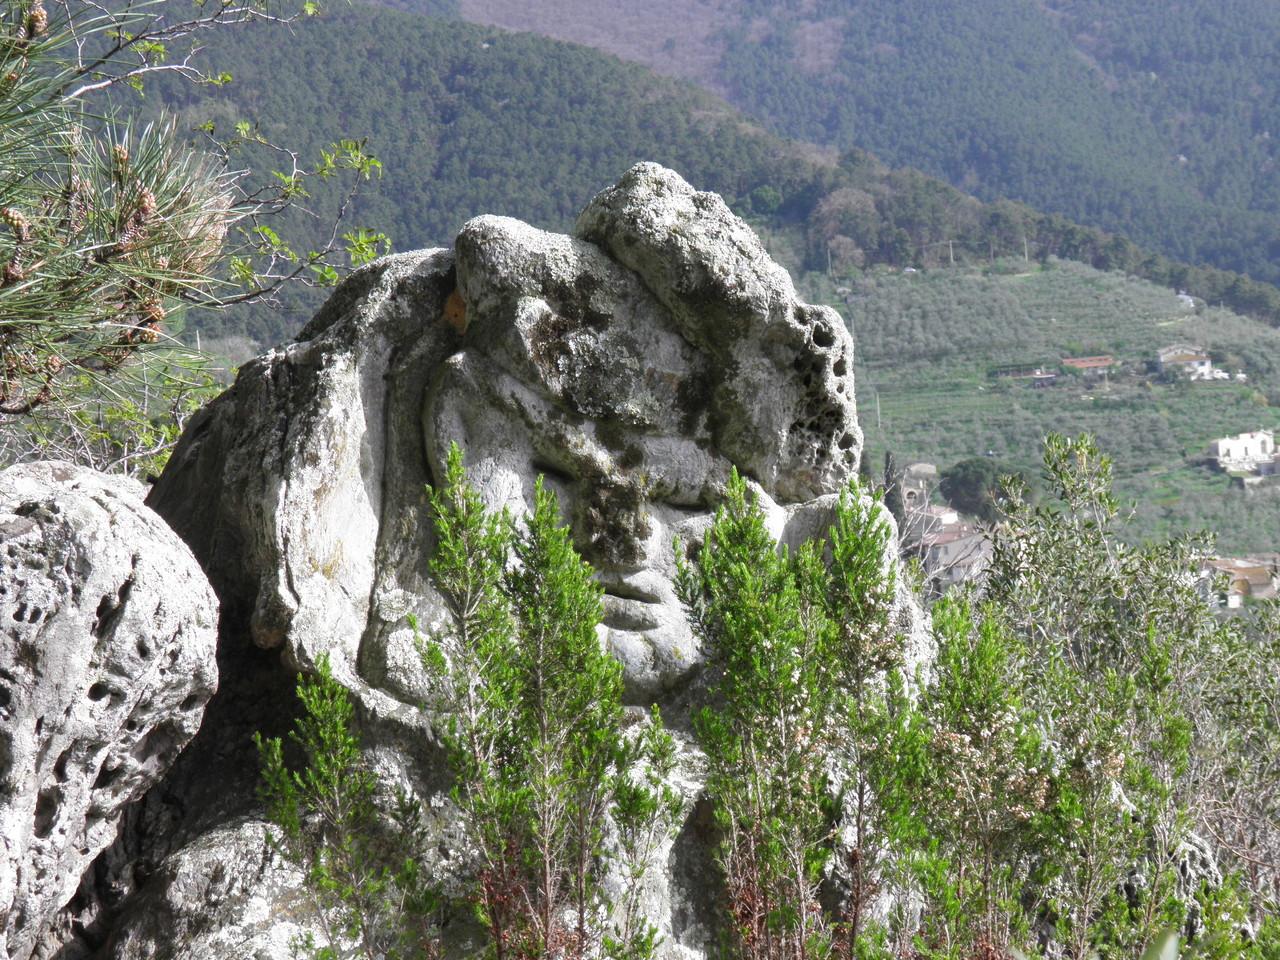 Settimo Andreoni : lo scultore dei boschi di Montemagno